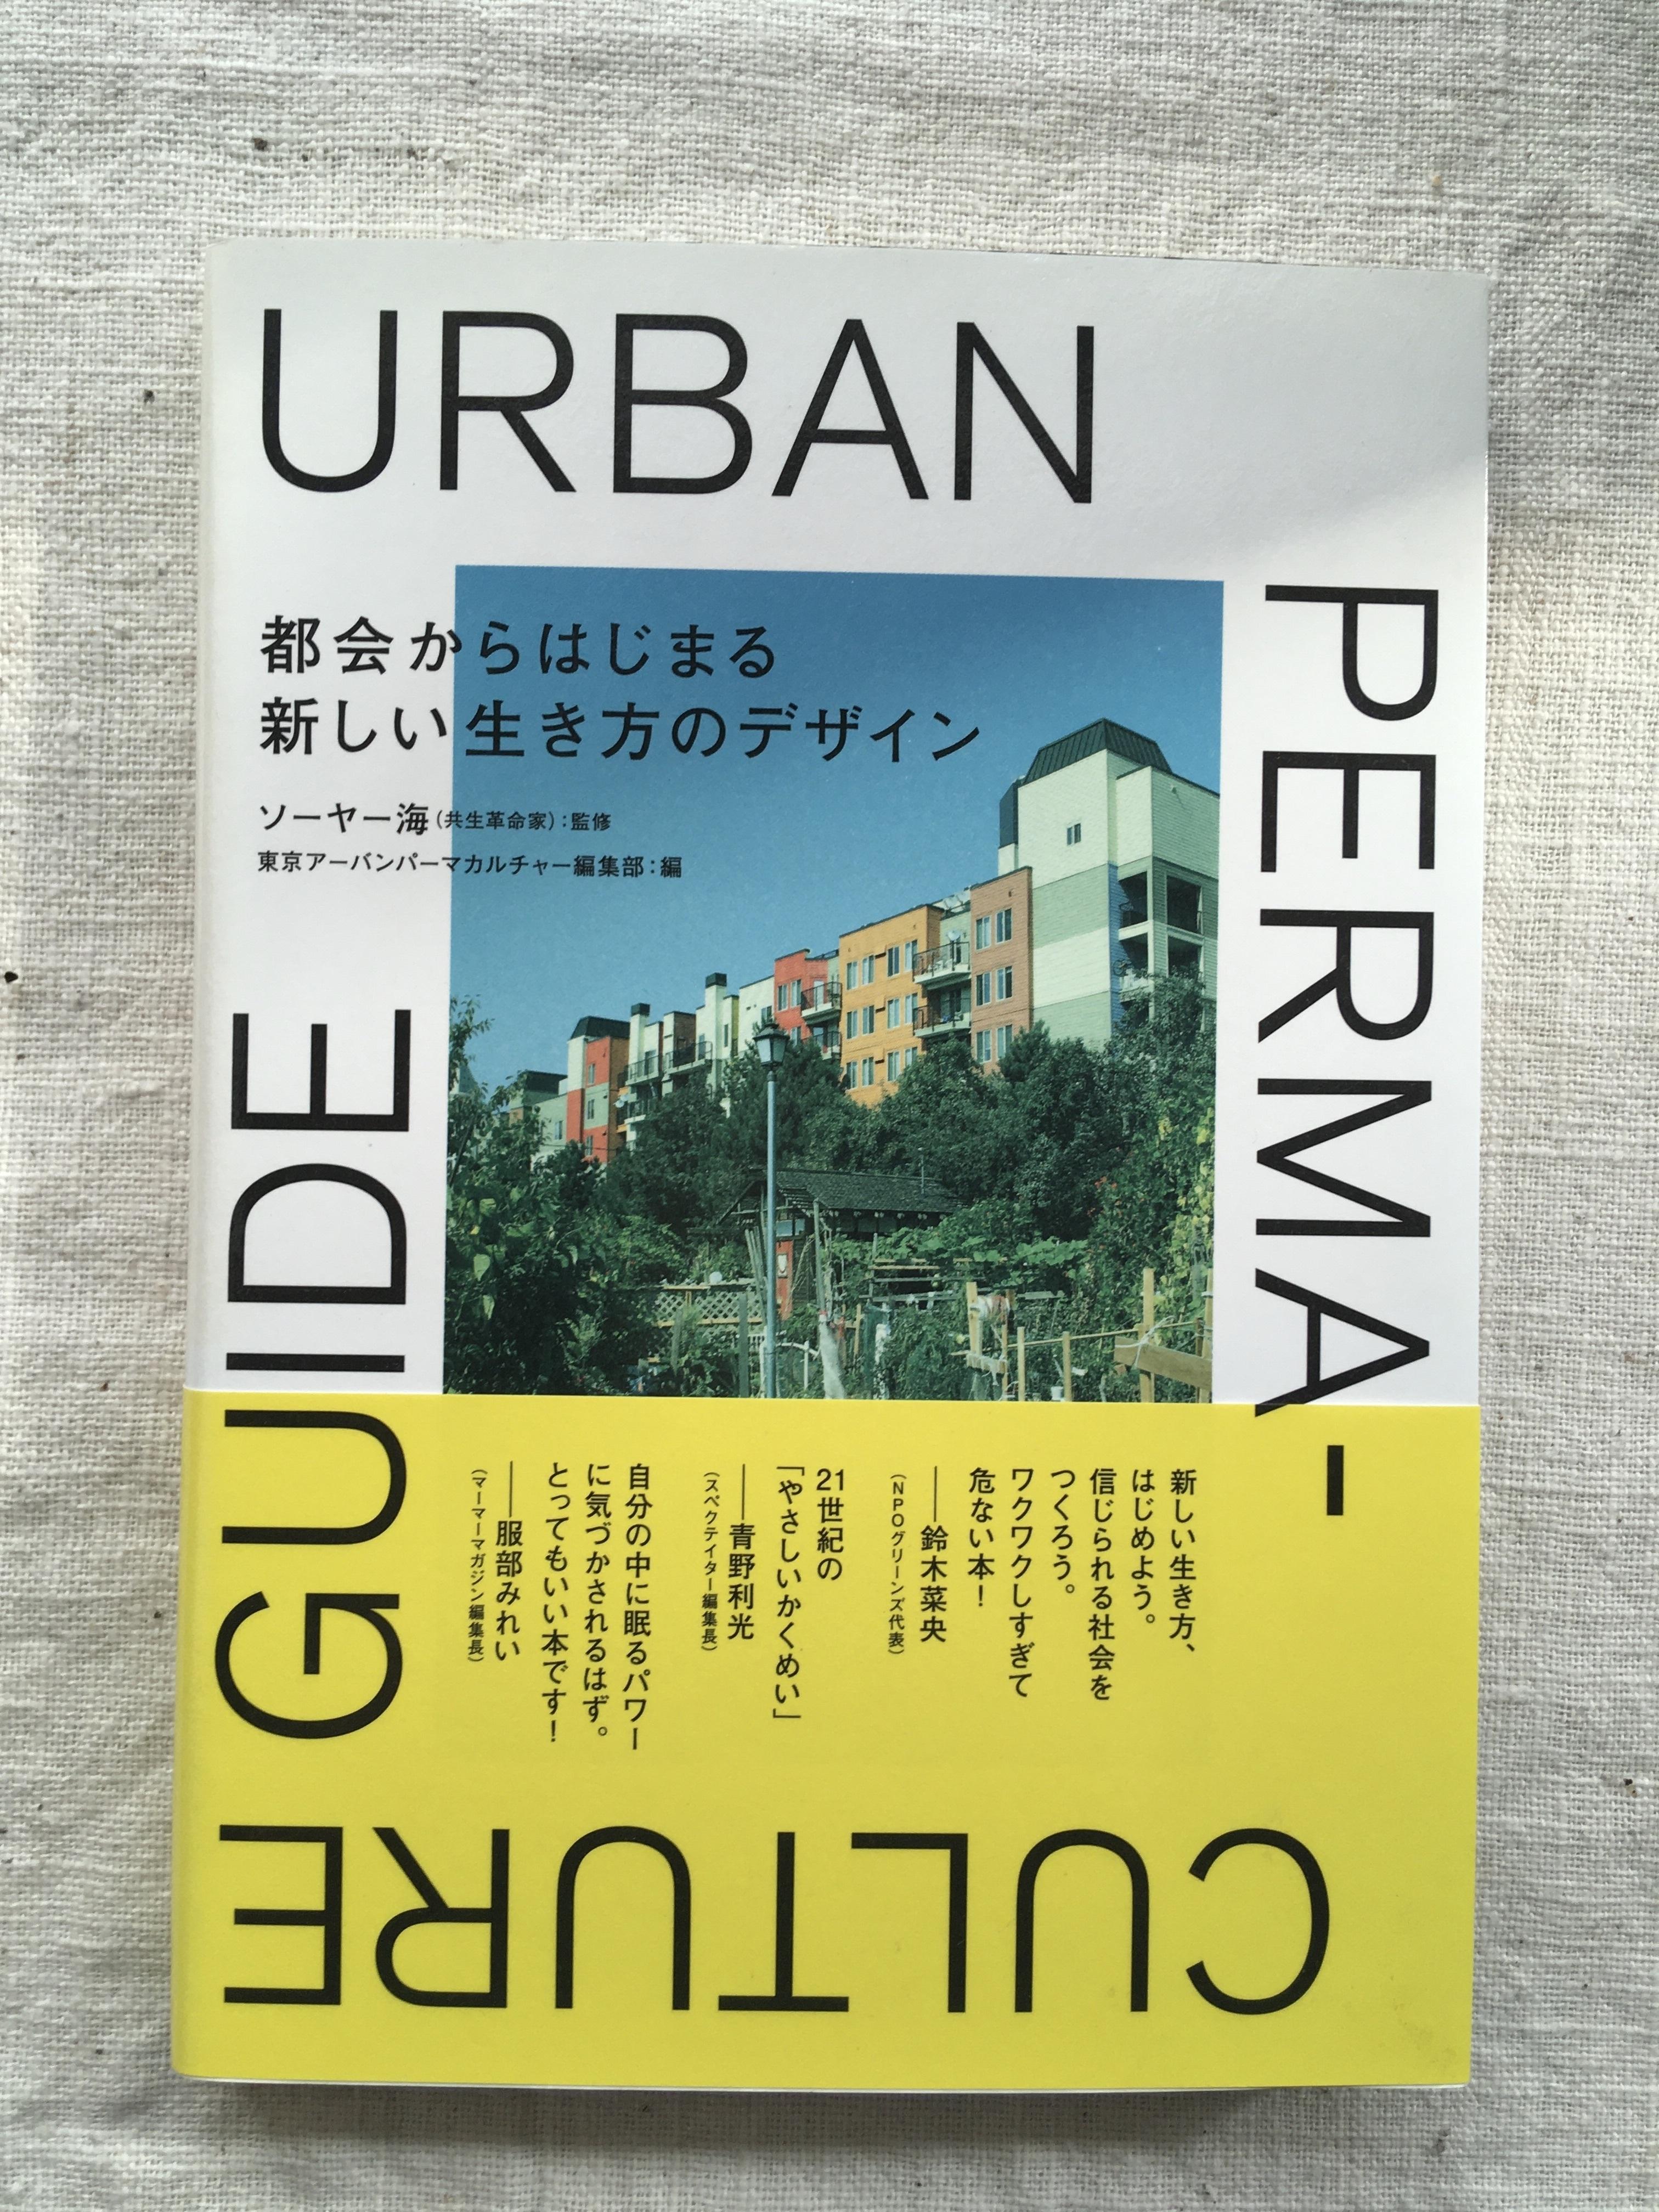 『URBAN PERMA CULTURE GUIDE』都会からはじまる新しい生き方のデザイン ソーヤー海著 - 画像1